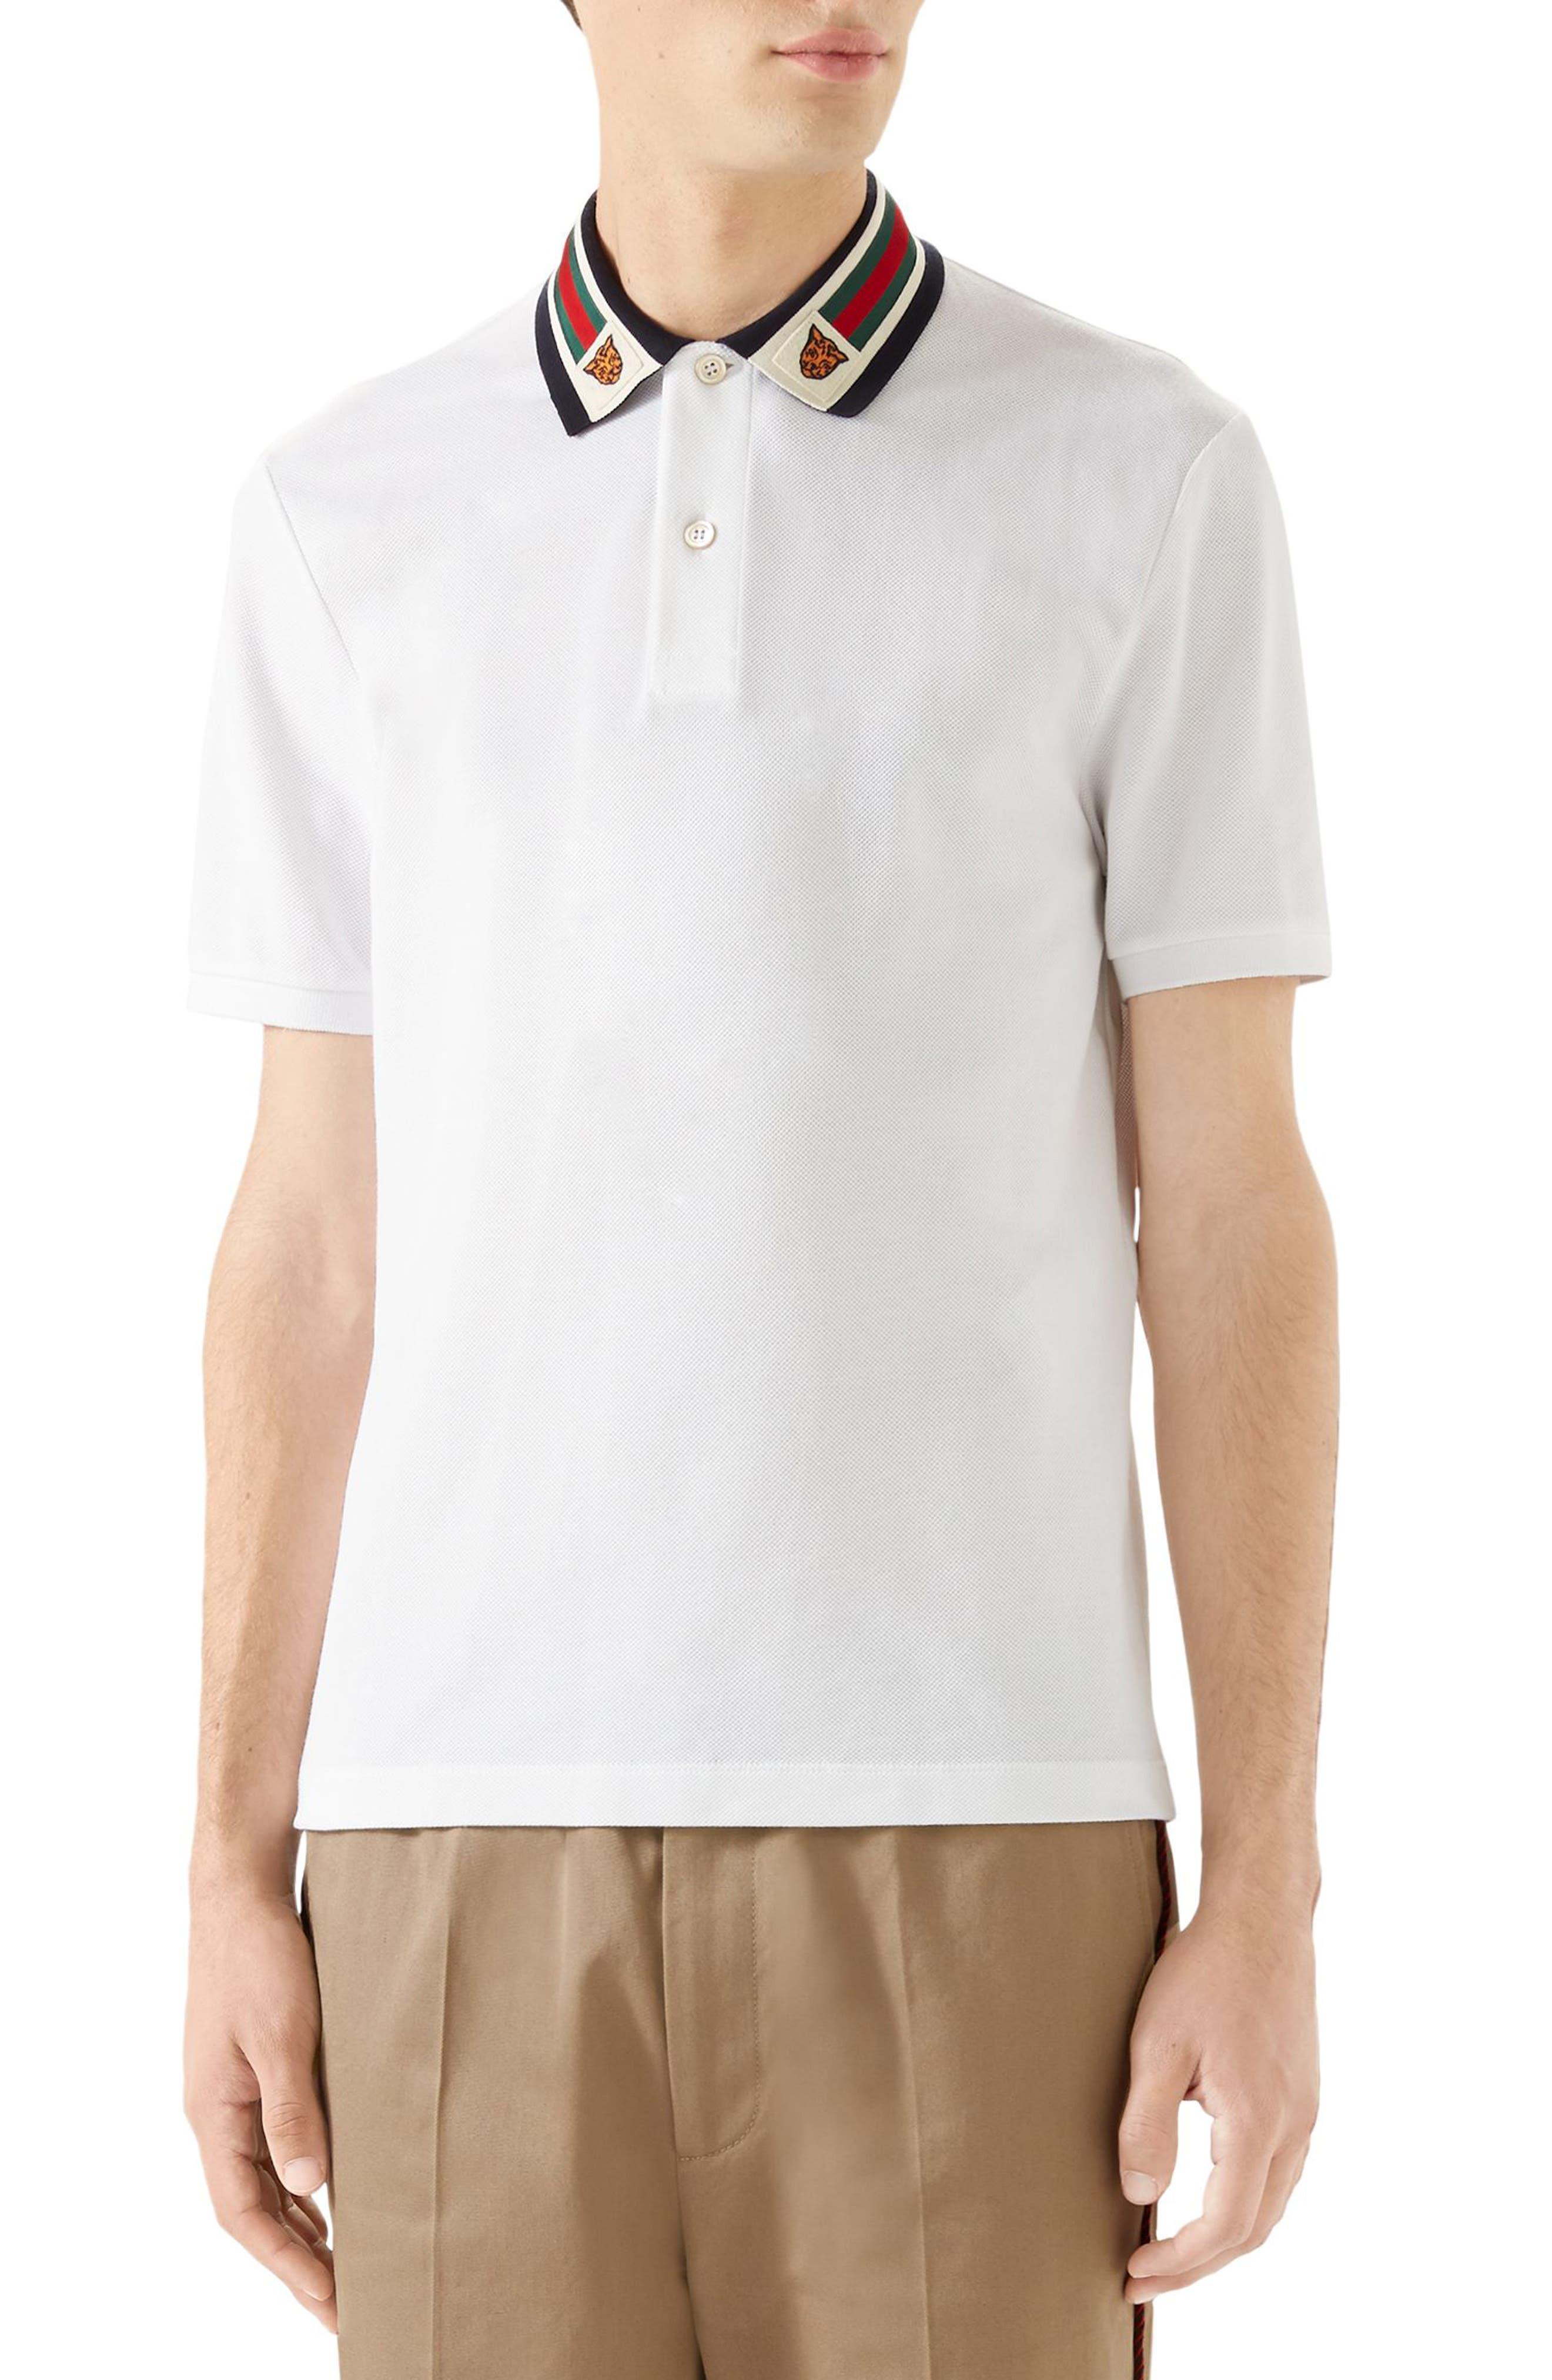 Banding Collar Piqué Polo, Main, color, WHITE MULTICOLOR